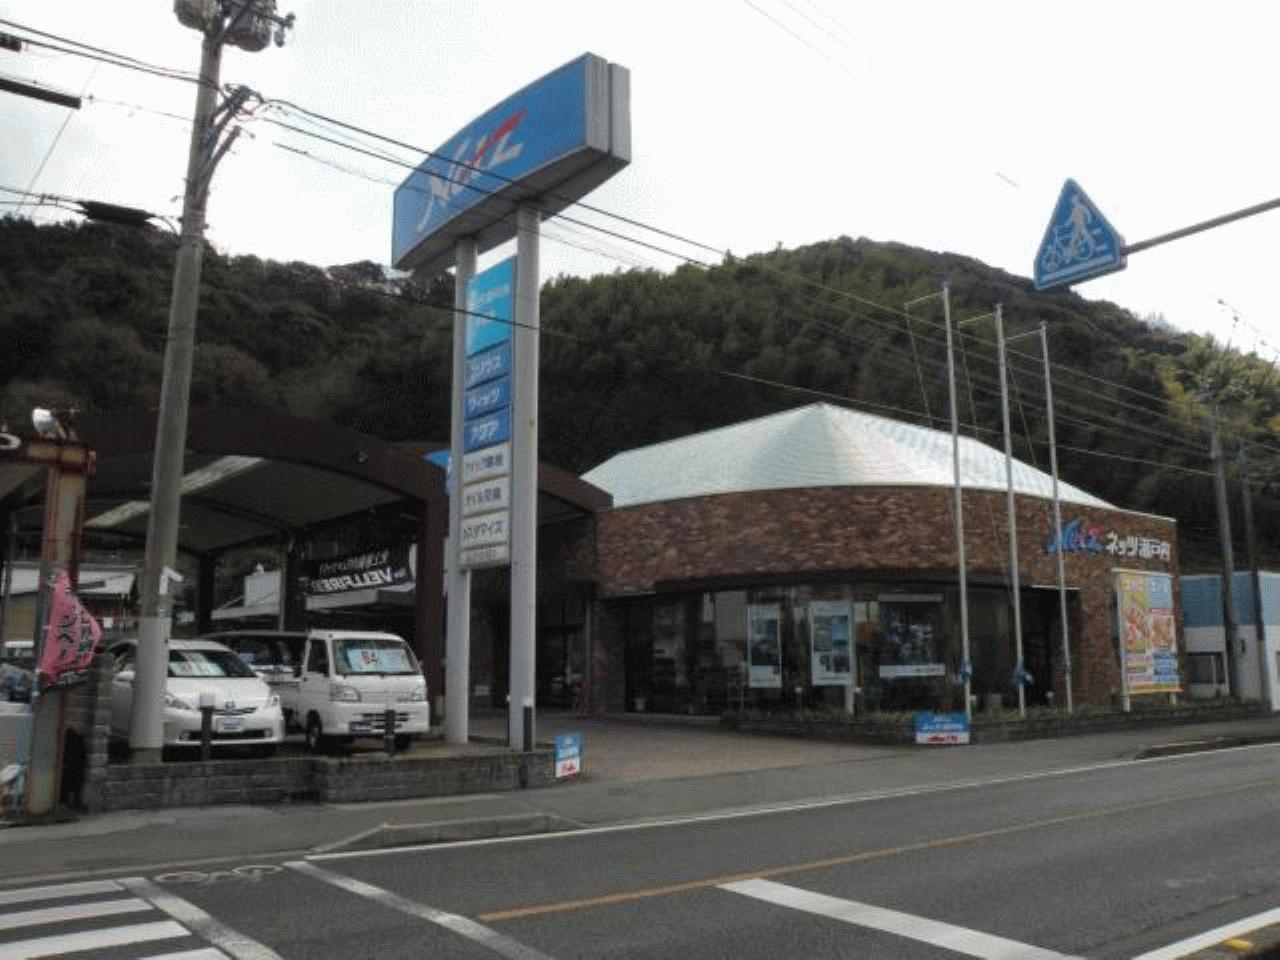 ネッツトヨタ瀬戸内 宇和島店